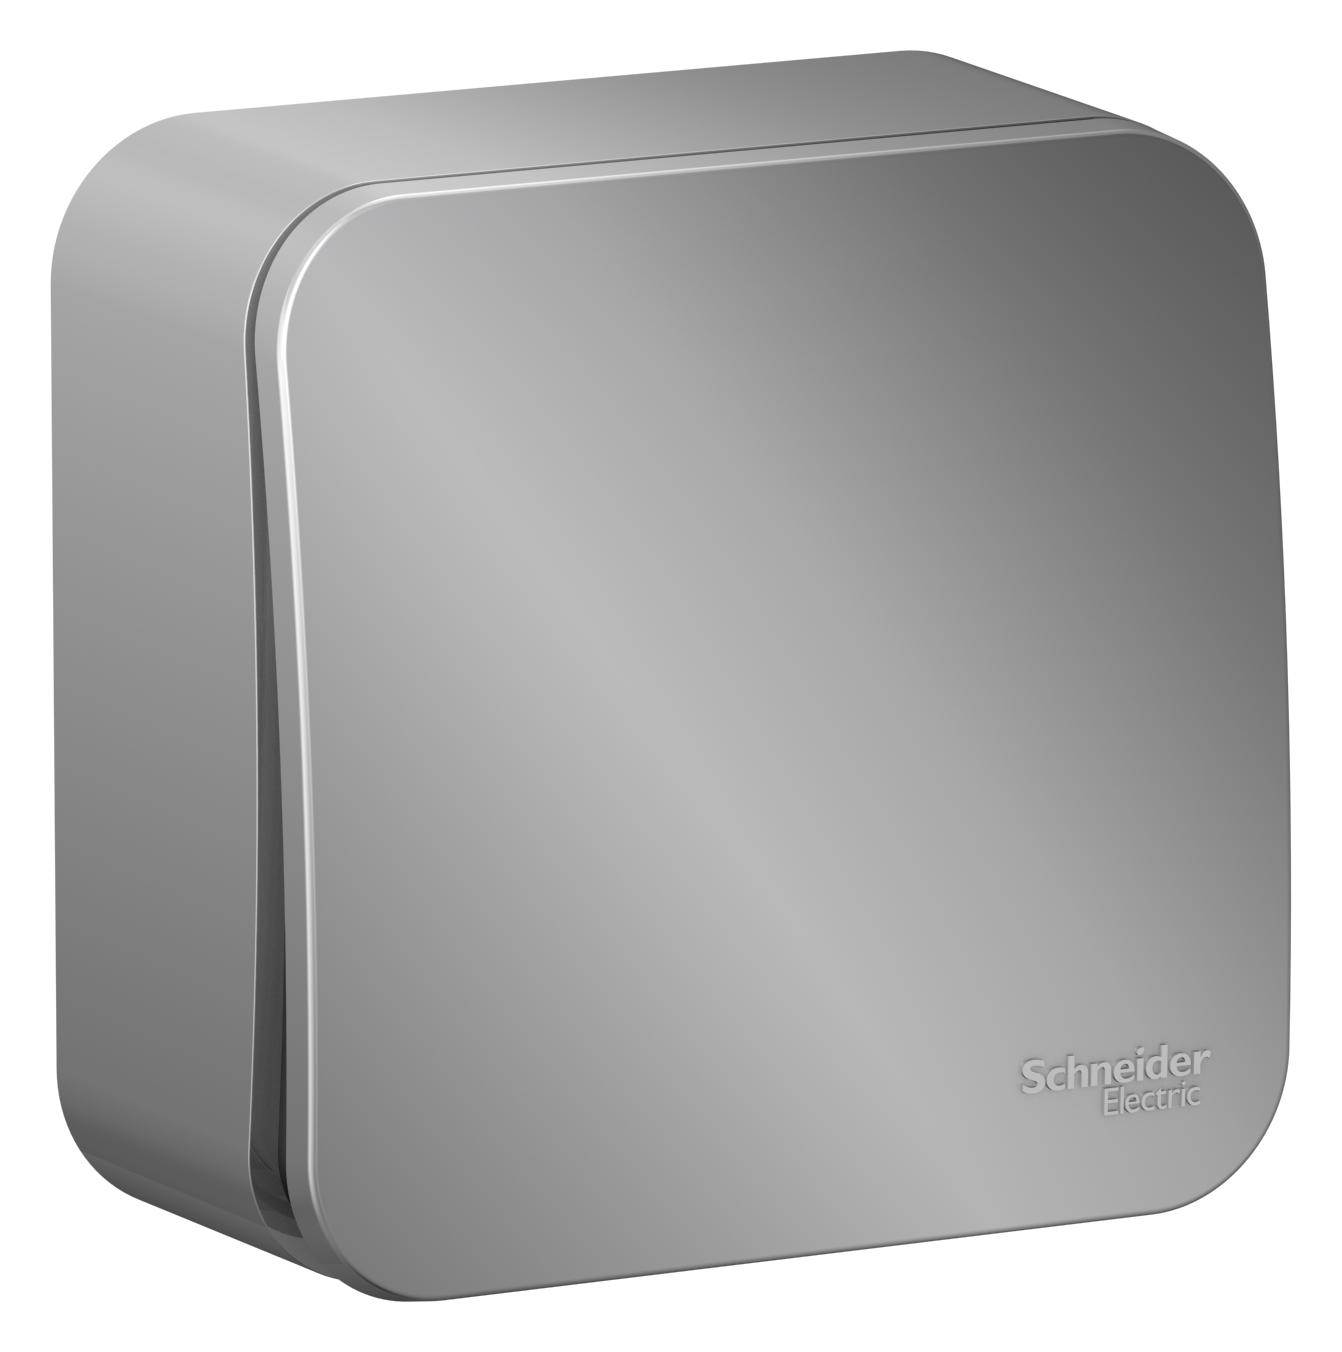 Выключатель Schneider electric Blnva101003 blanca выключатель schneider electric blnva105014 blanca